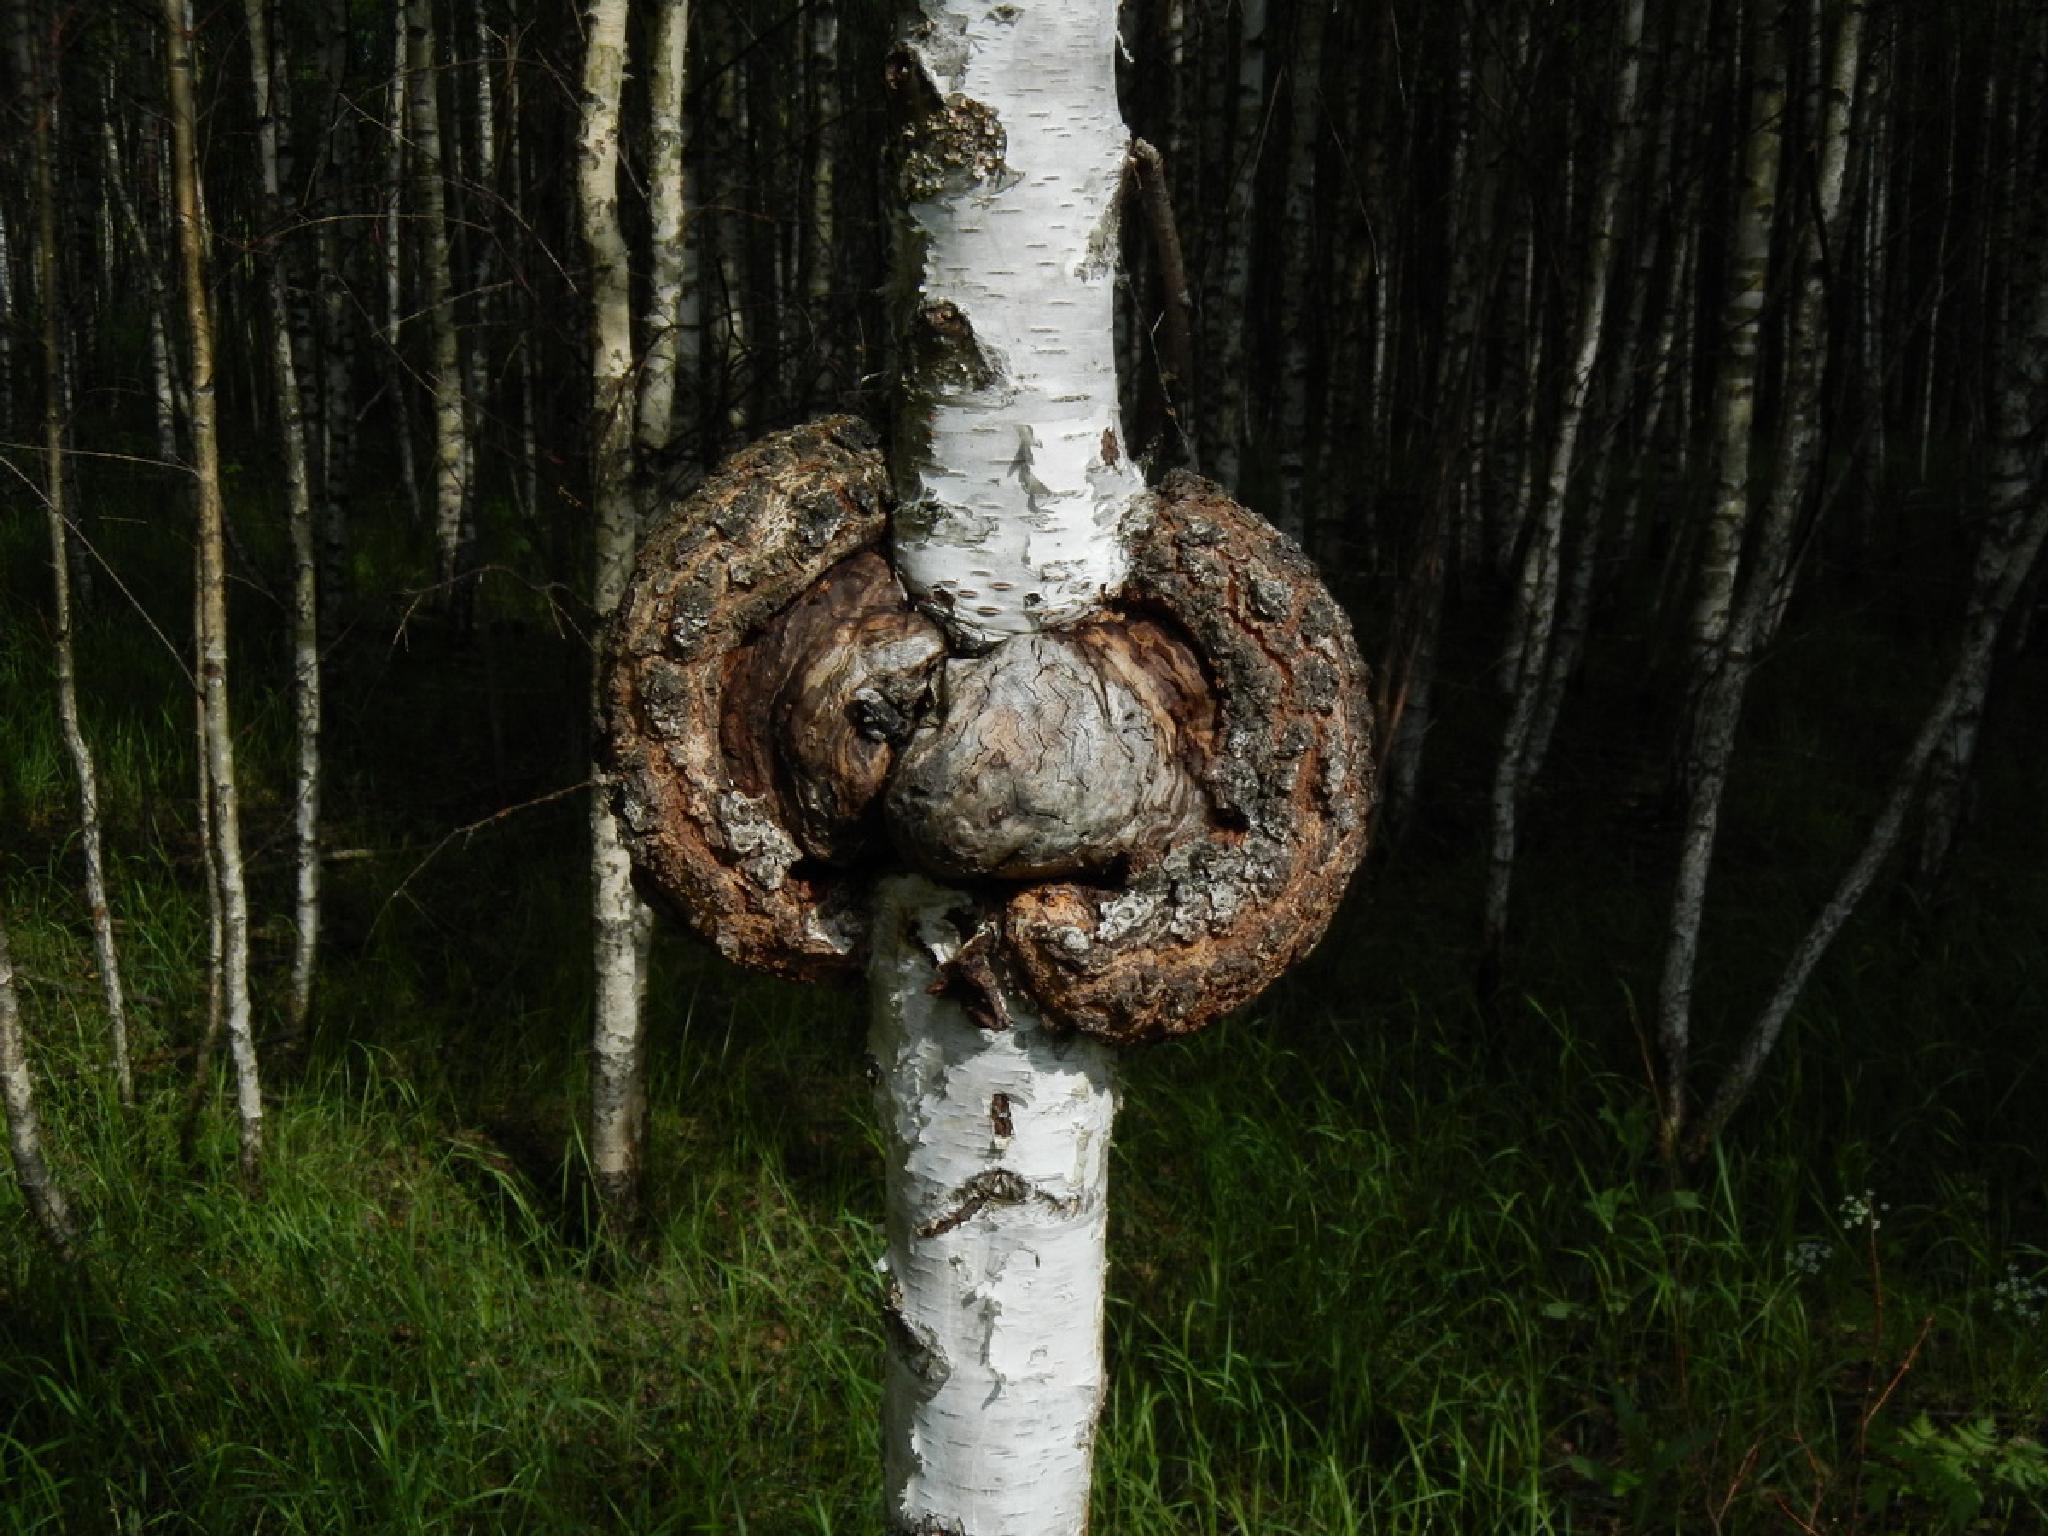 Birch oncology (Chaga) by Yurkoff Wladimir